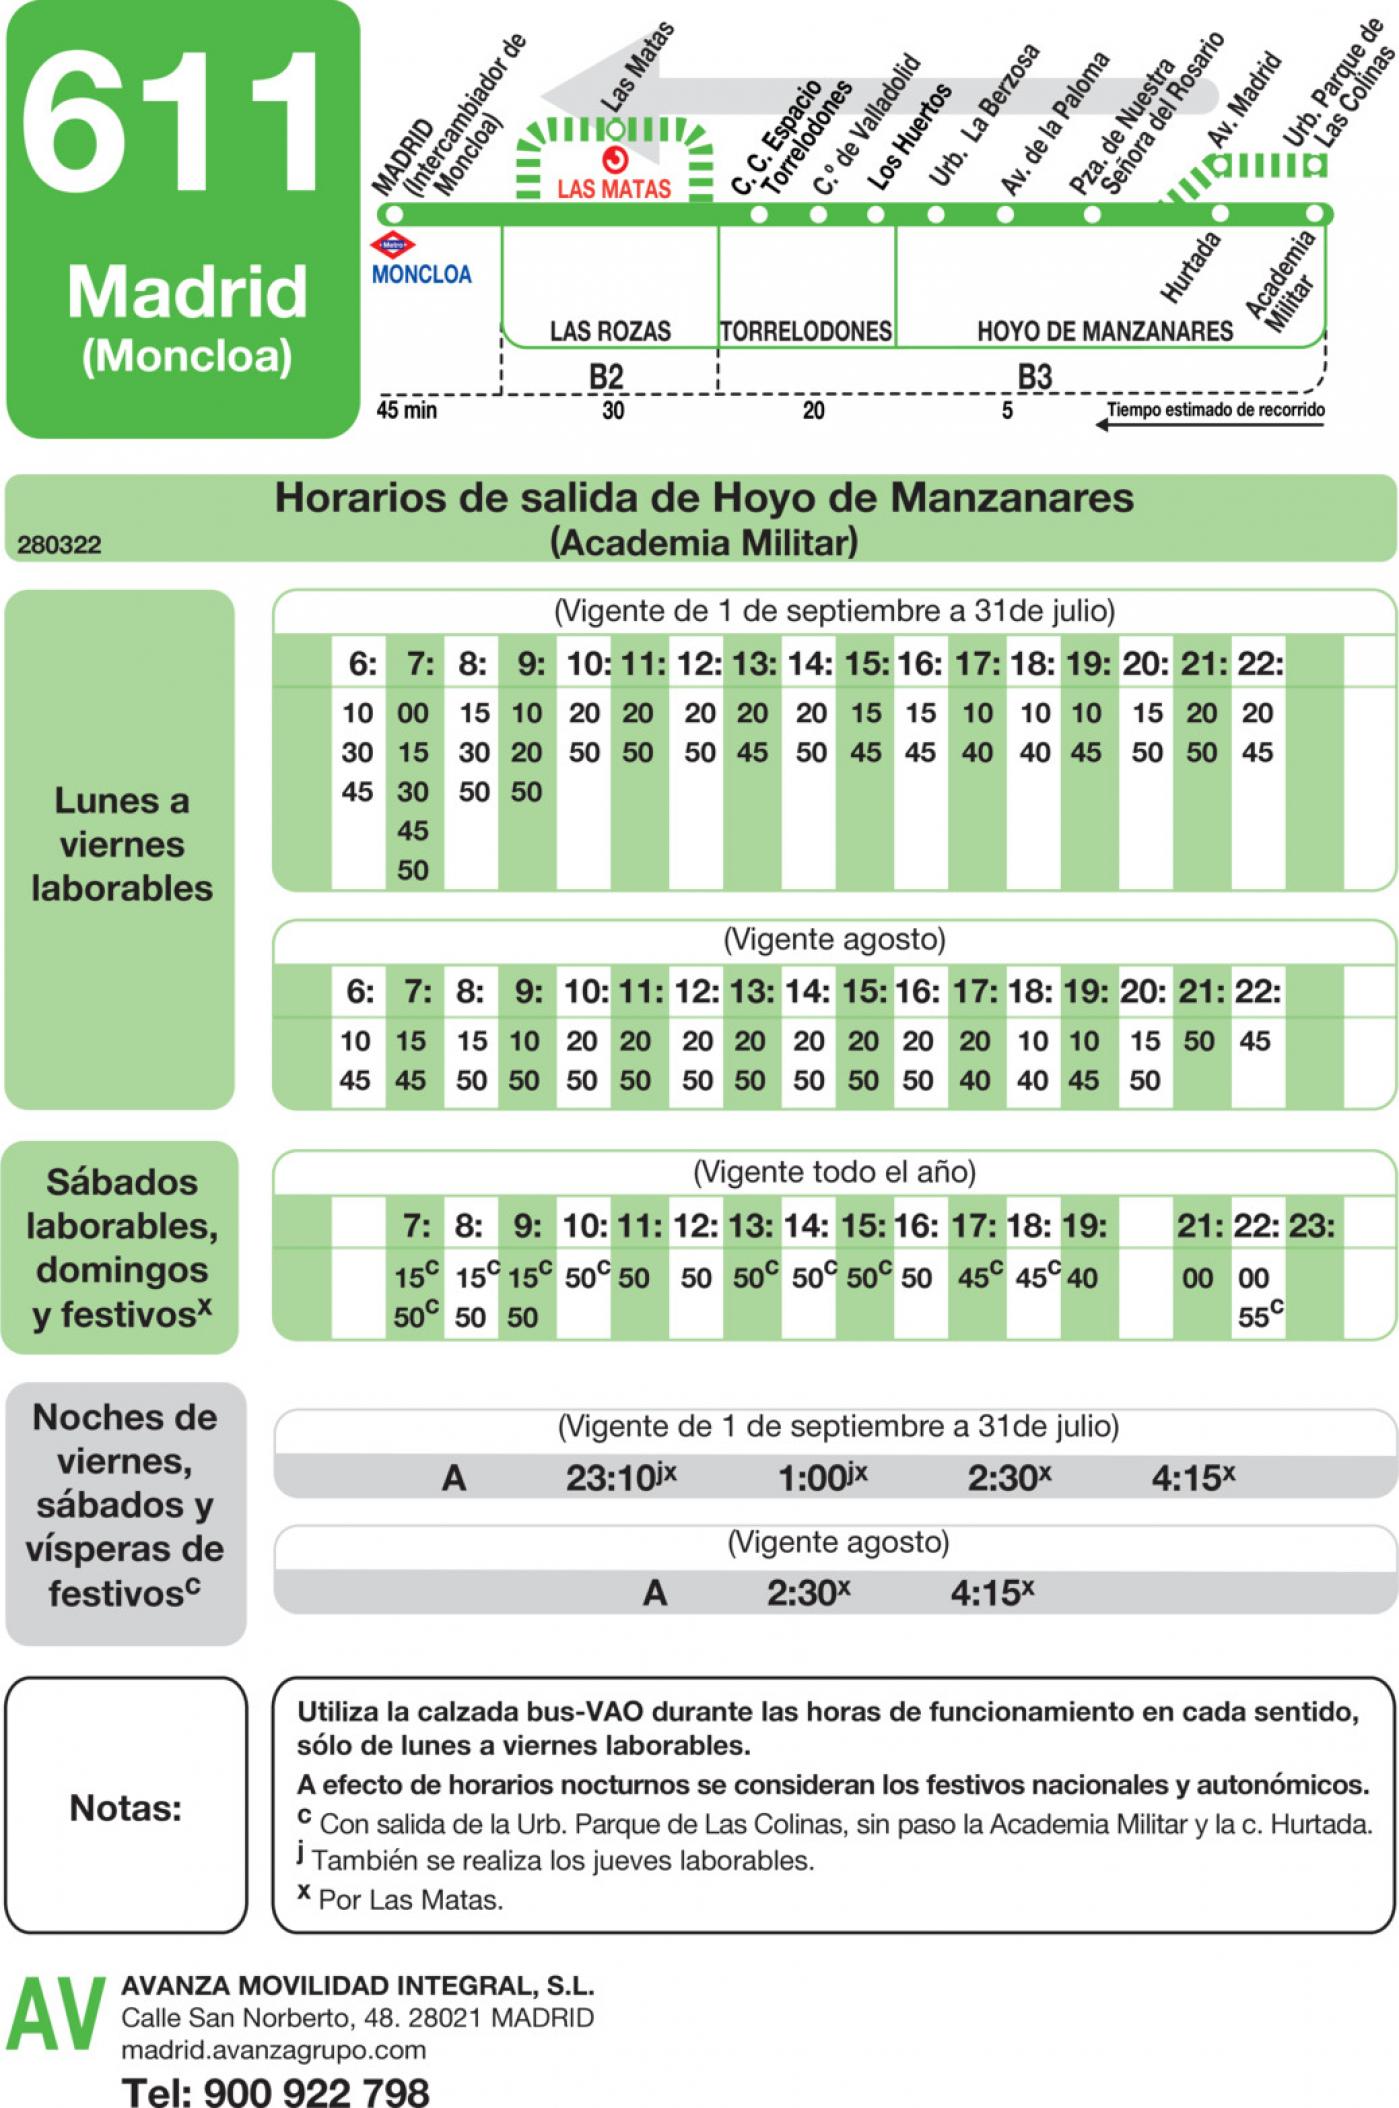 Tabla de horarios y frecuencias de paso en sentido vuelta Línea 611: Madrid (Moncloa) - Hoyo de Manzanares